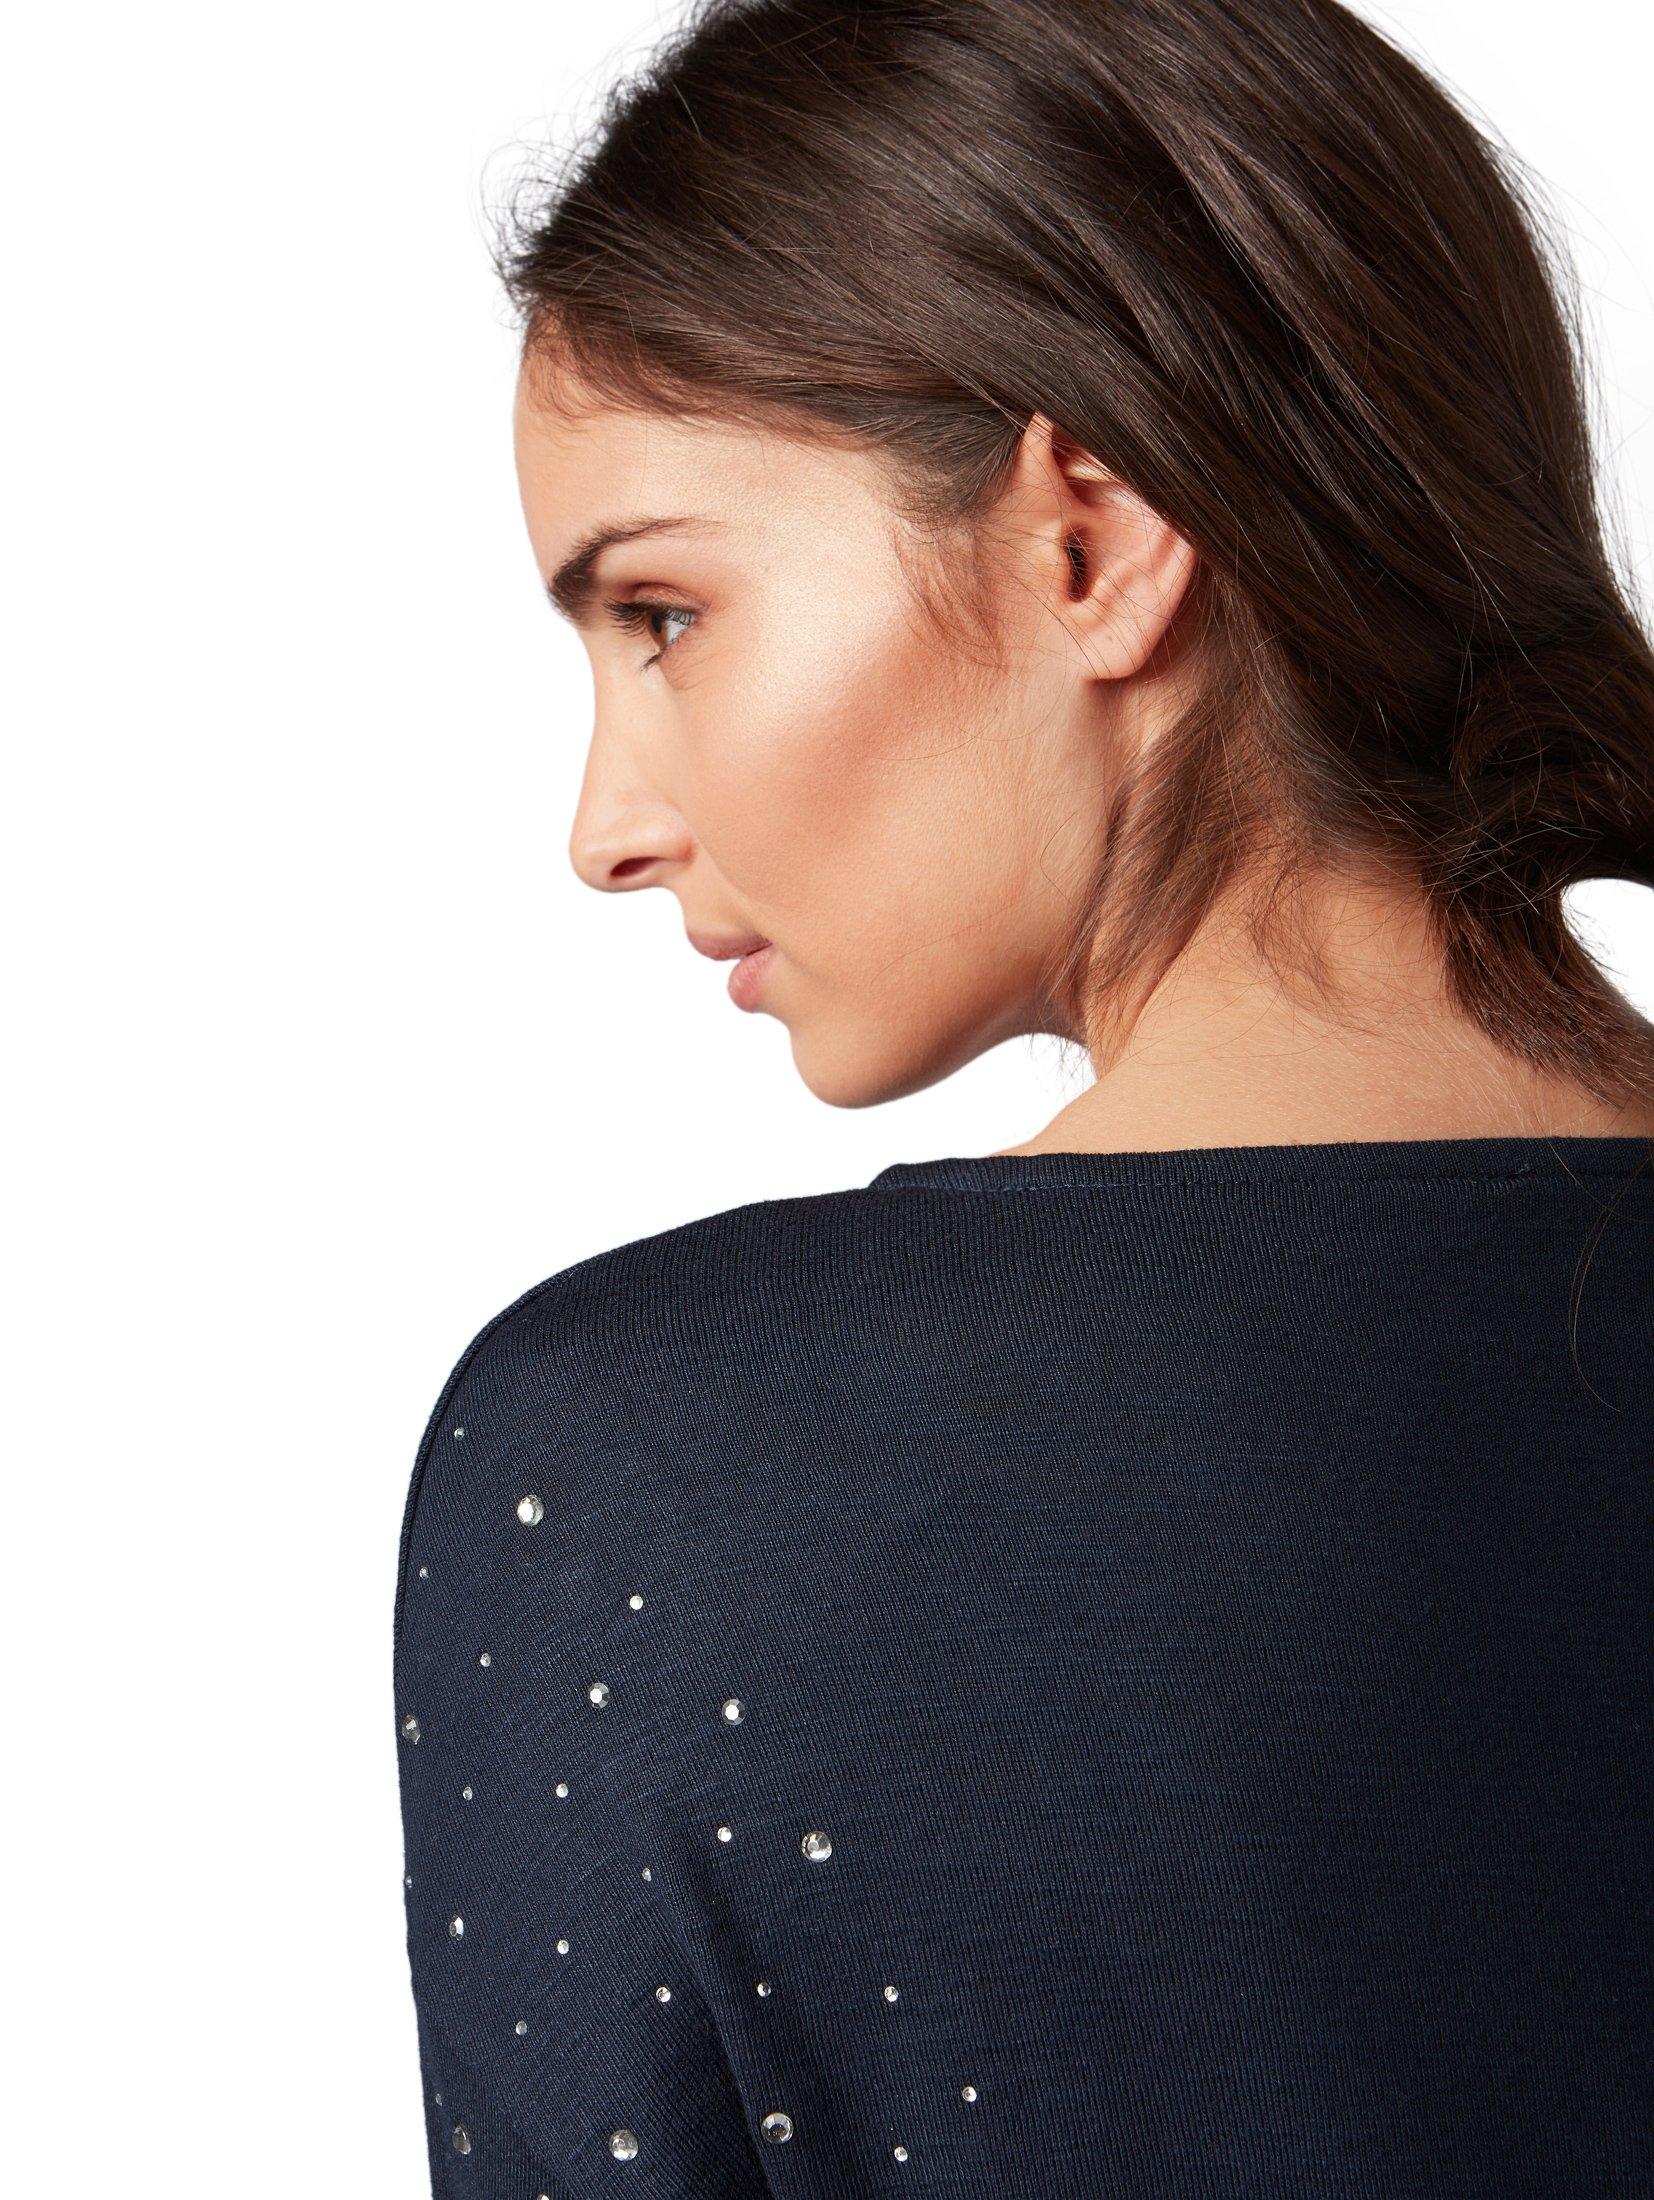 Shirt In Online Tom Tailor Winkel Applicaties De Met Mouwensweatshirt Lange bYvgyf67I